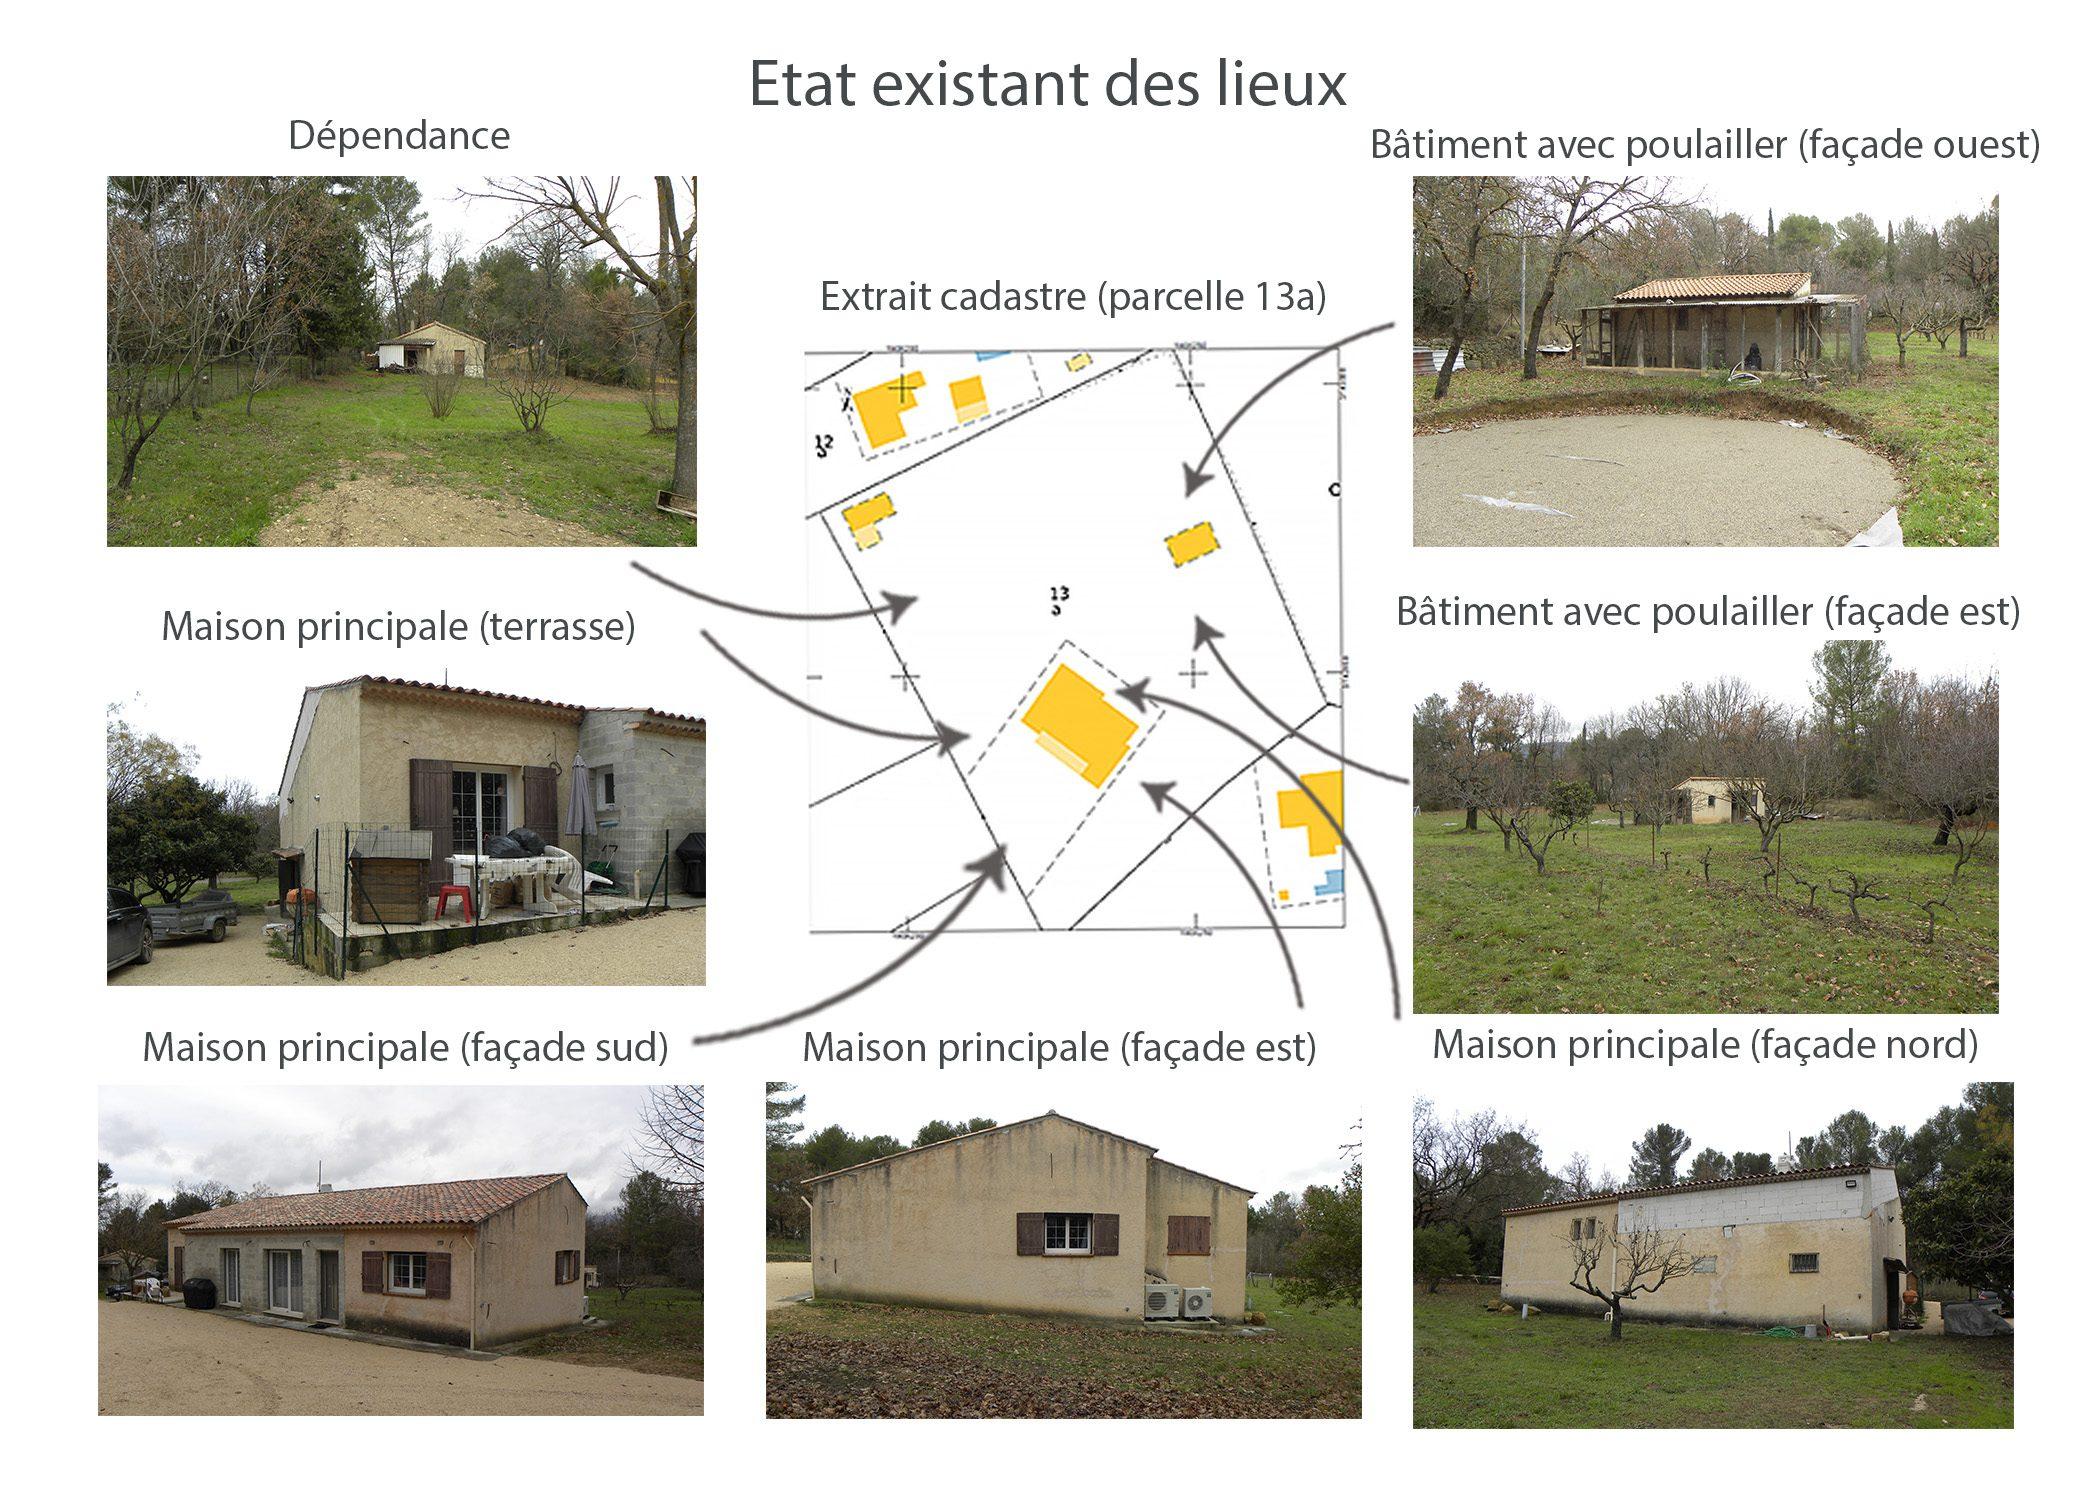 agencement terrain fuveau-espace exterieur-etat existant avant projet-dekho design